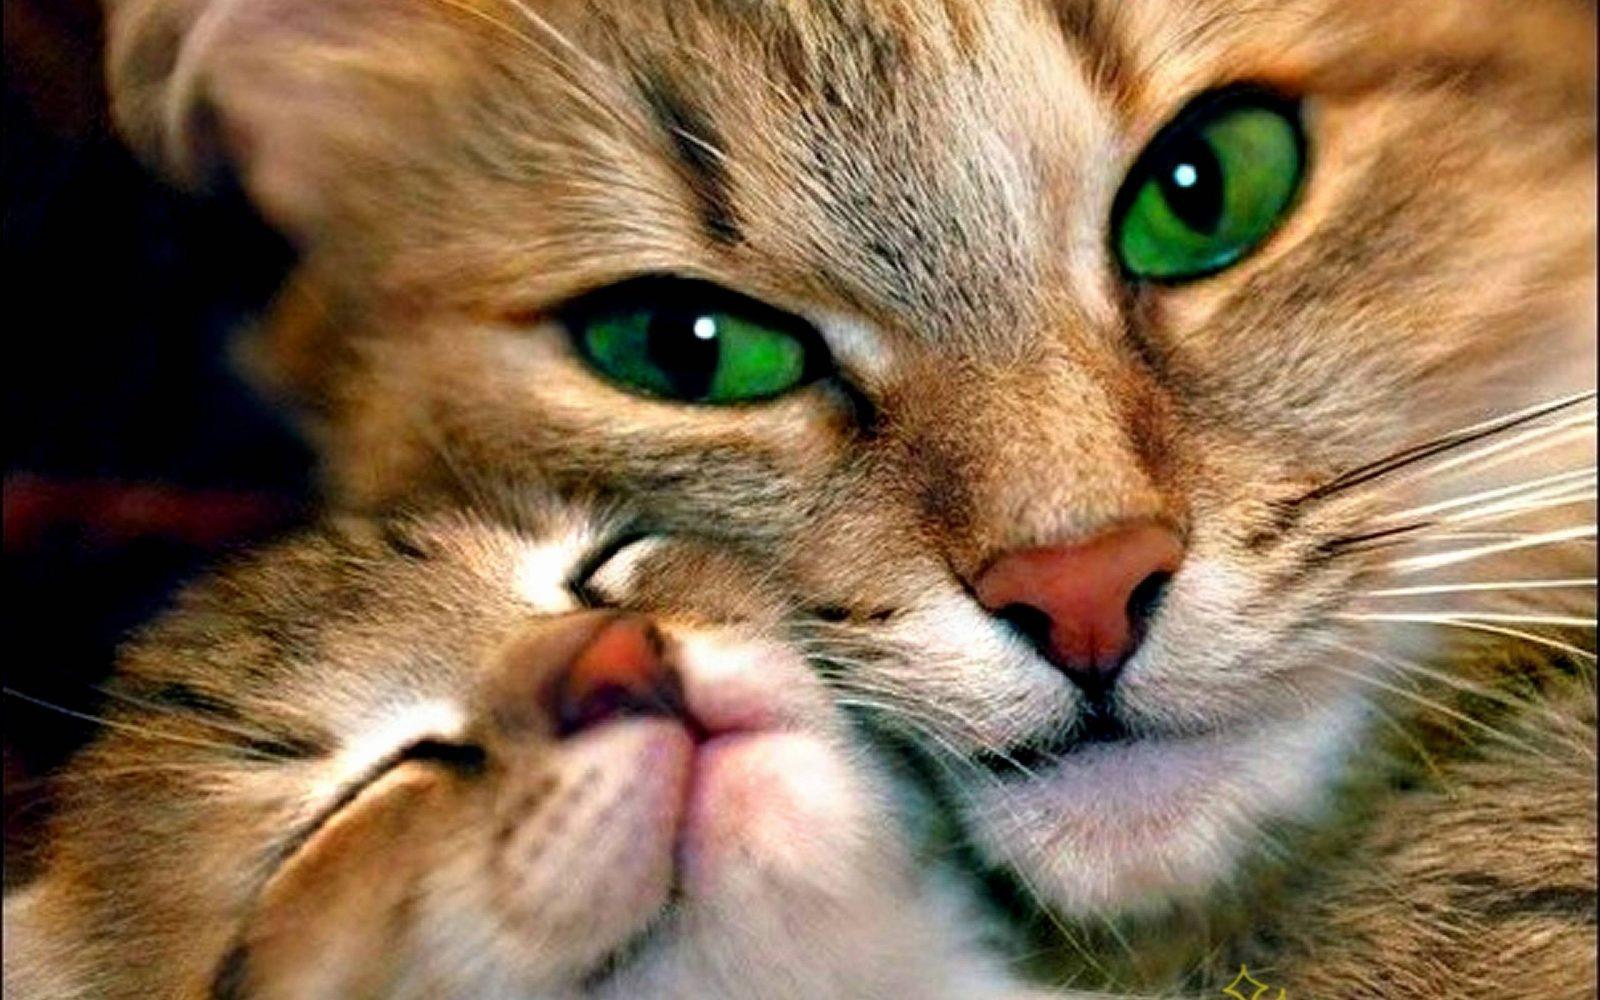 صور انواع قطط مختلفة ومعلومات عن حياة القطط 12